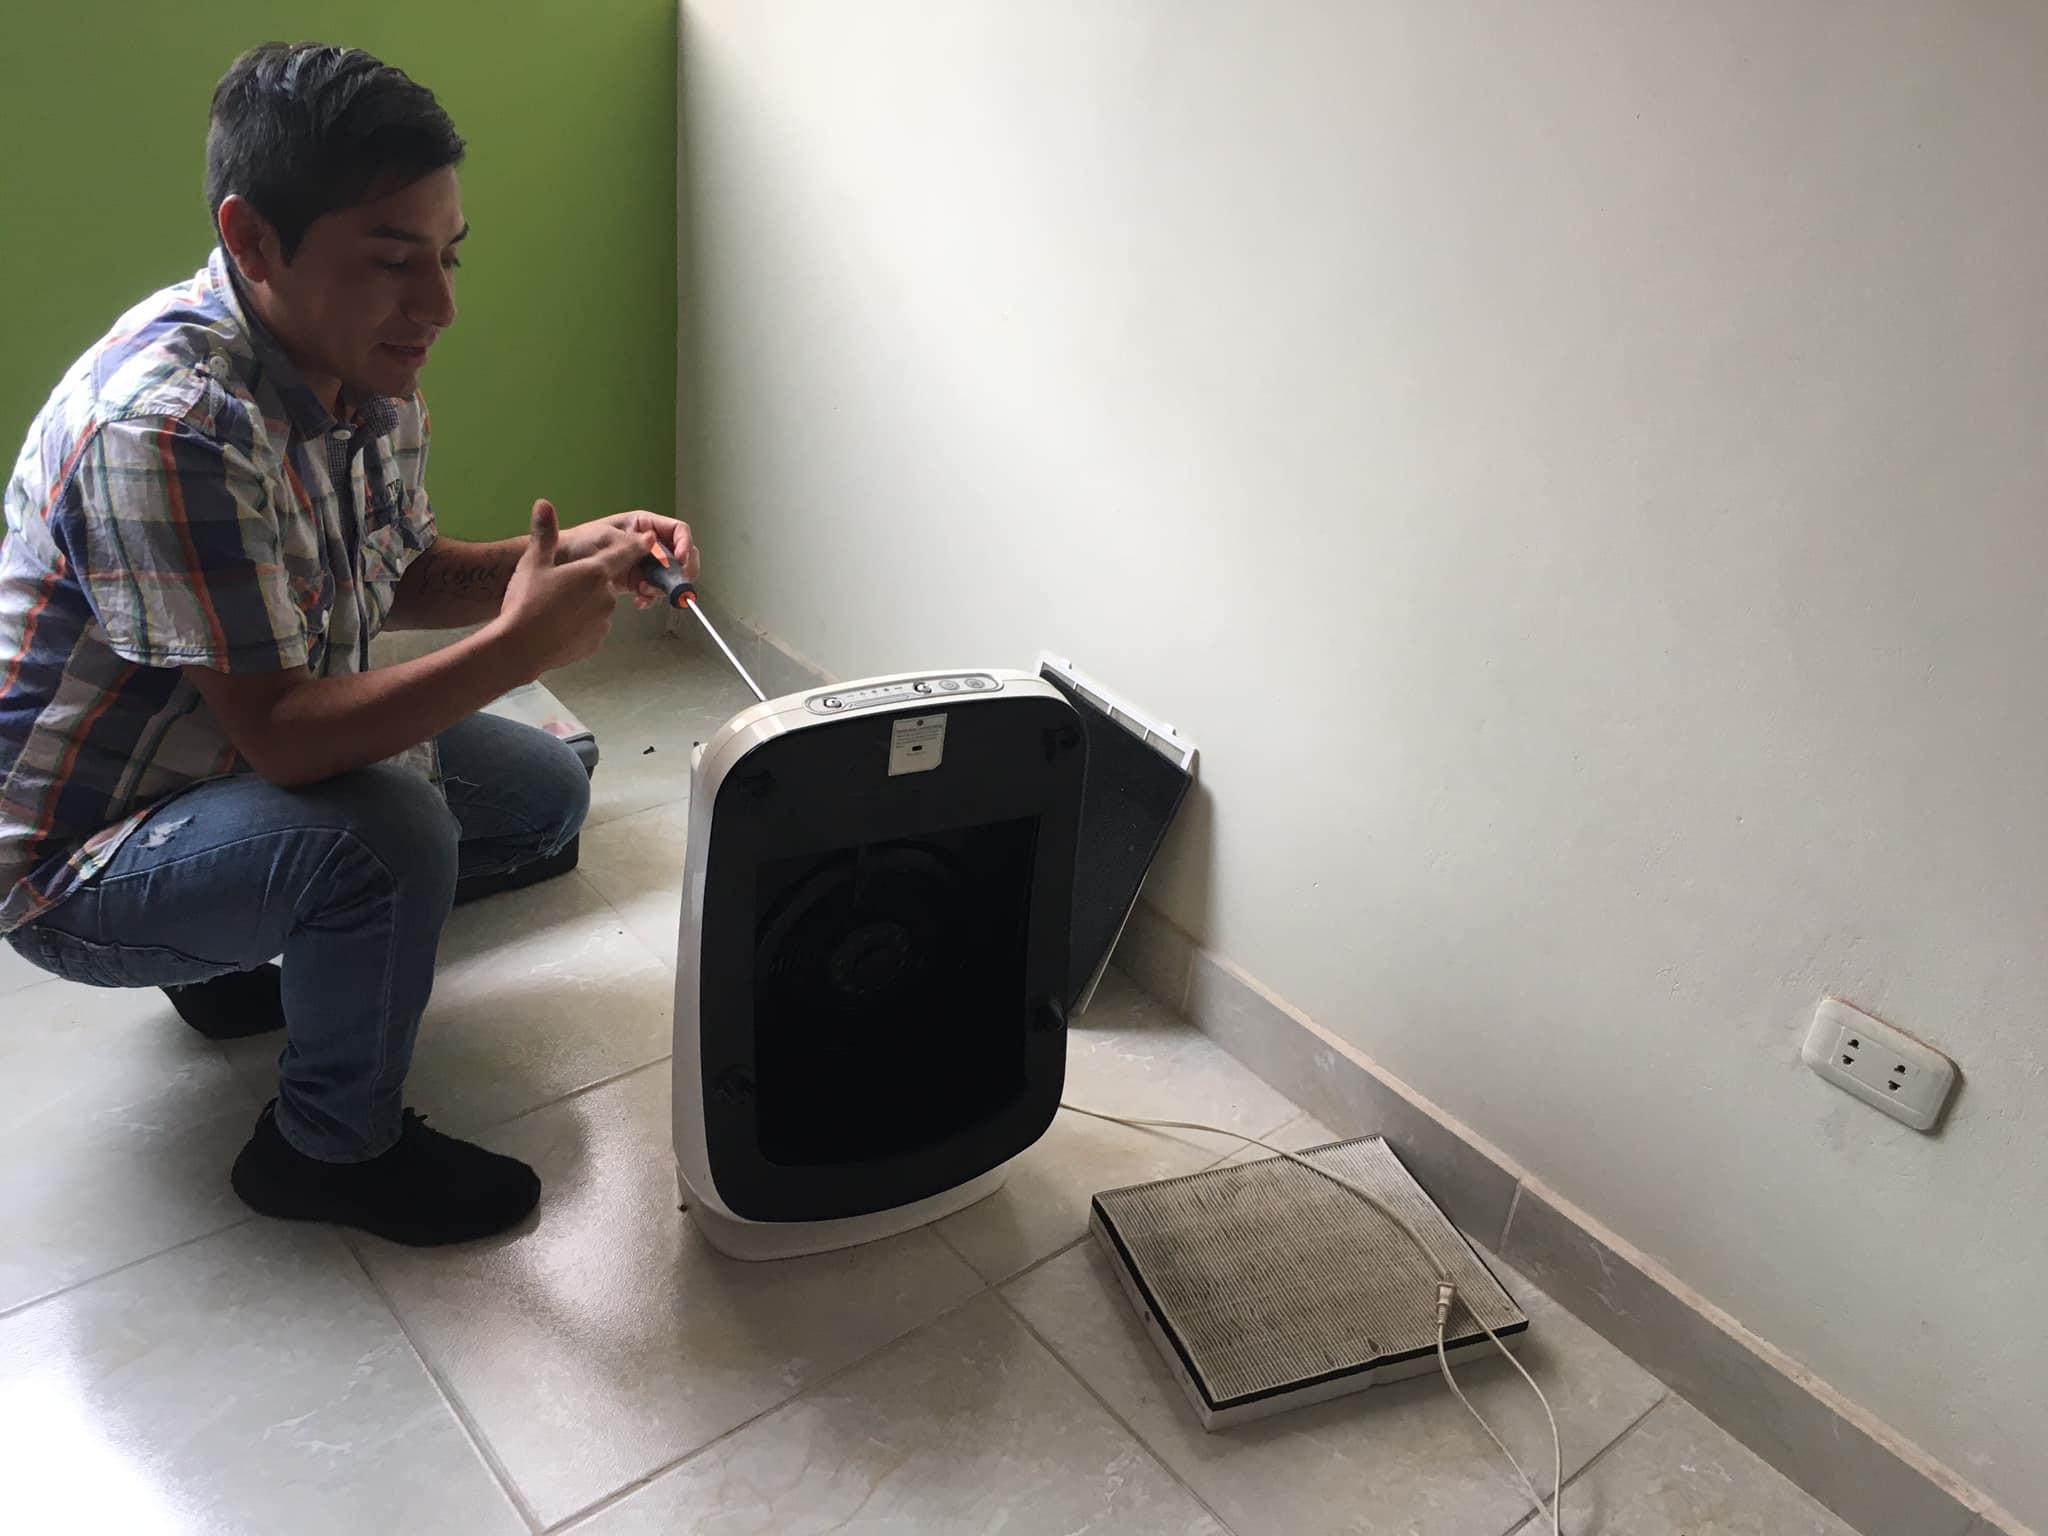 Servicio técnico a domicilio con garantía de 1 año